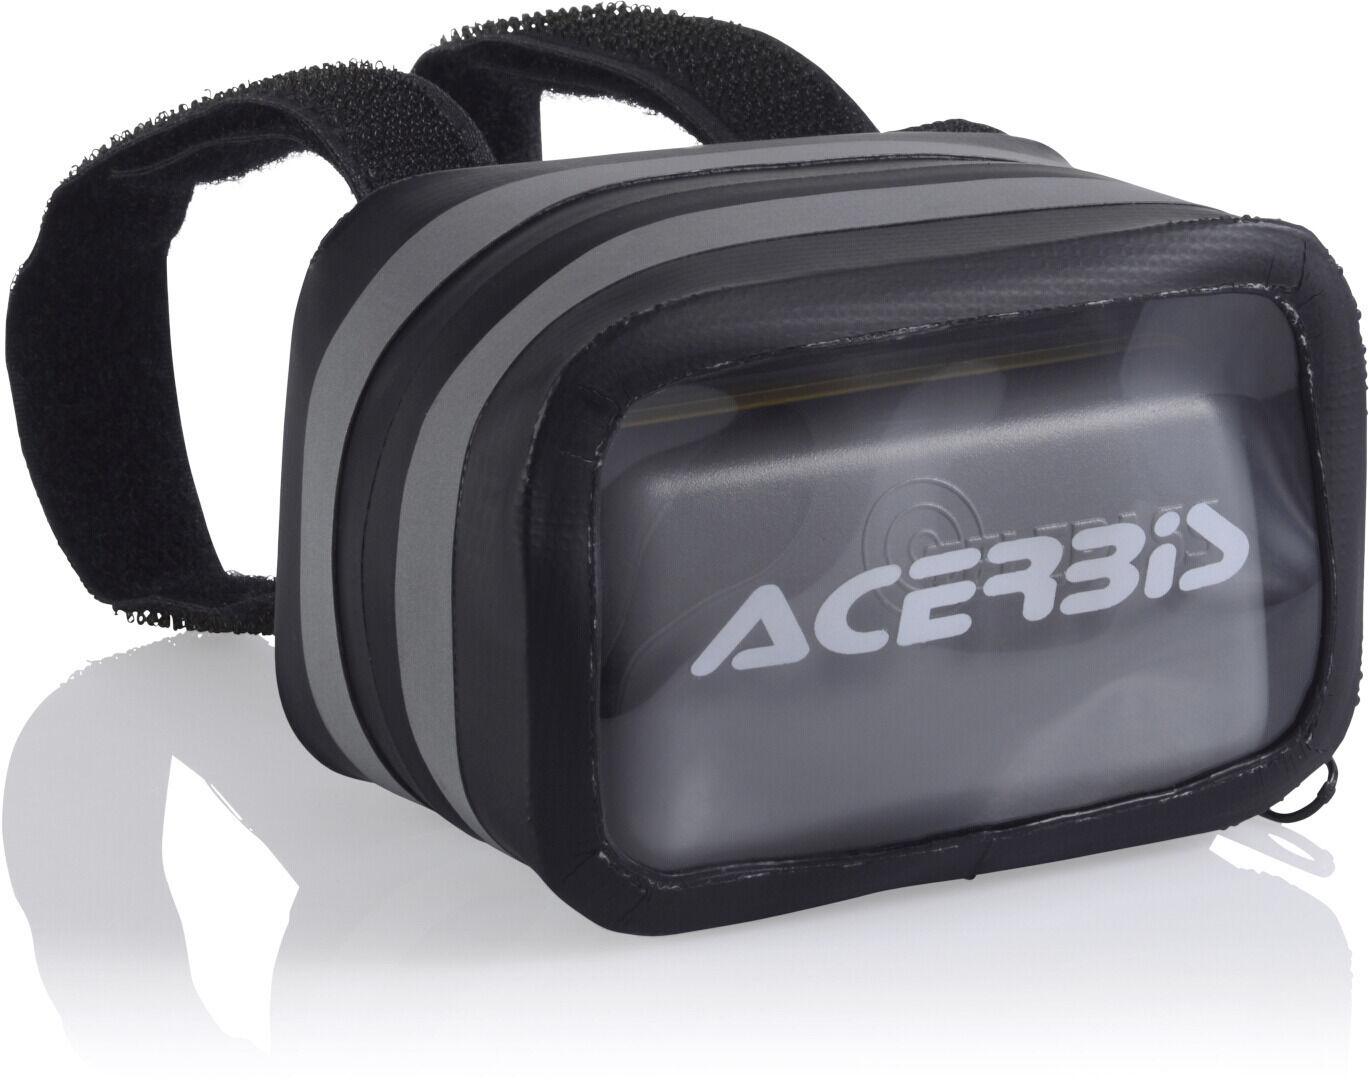 Acerbis Telepass X-KL Sac Noir Gris taille : unique taille